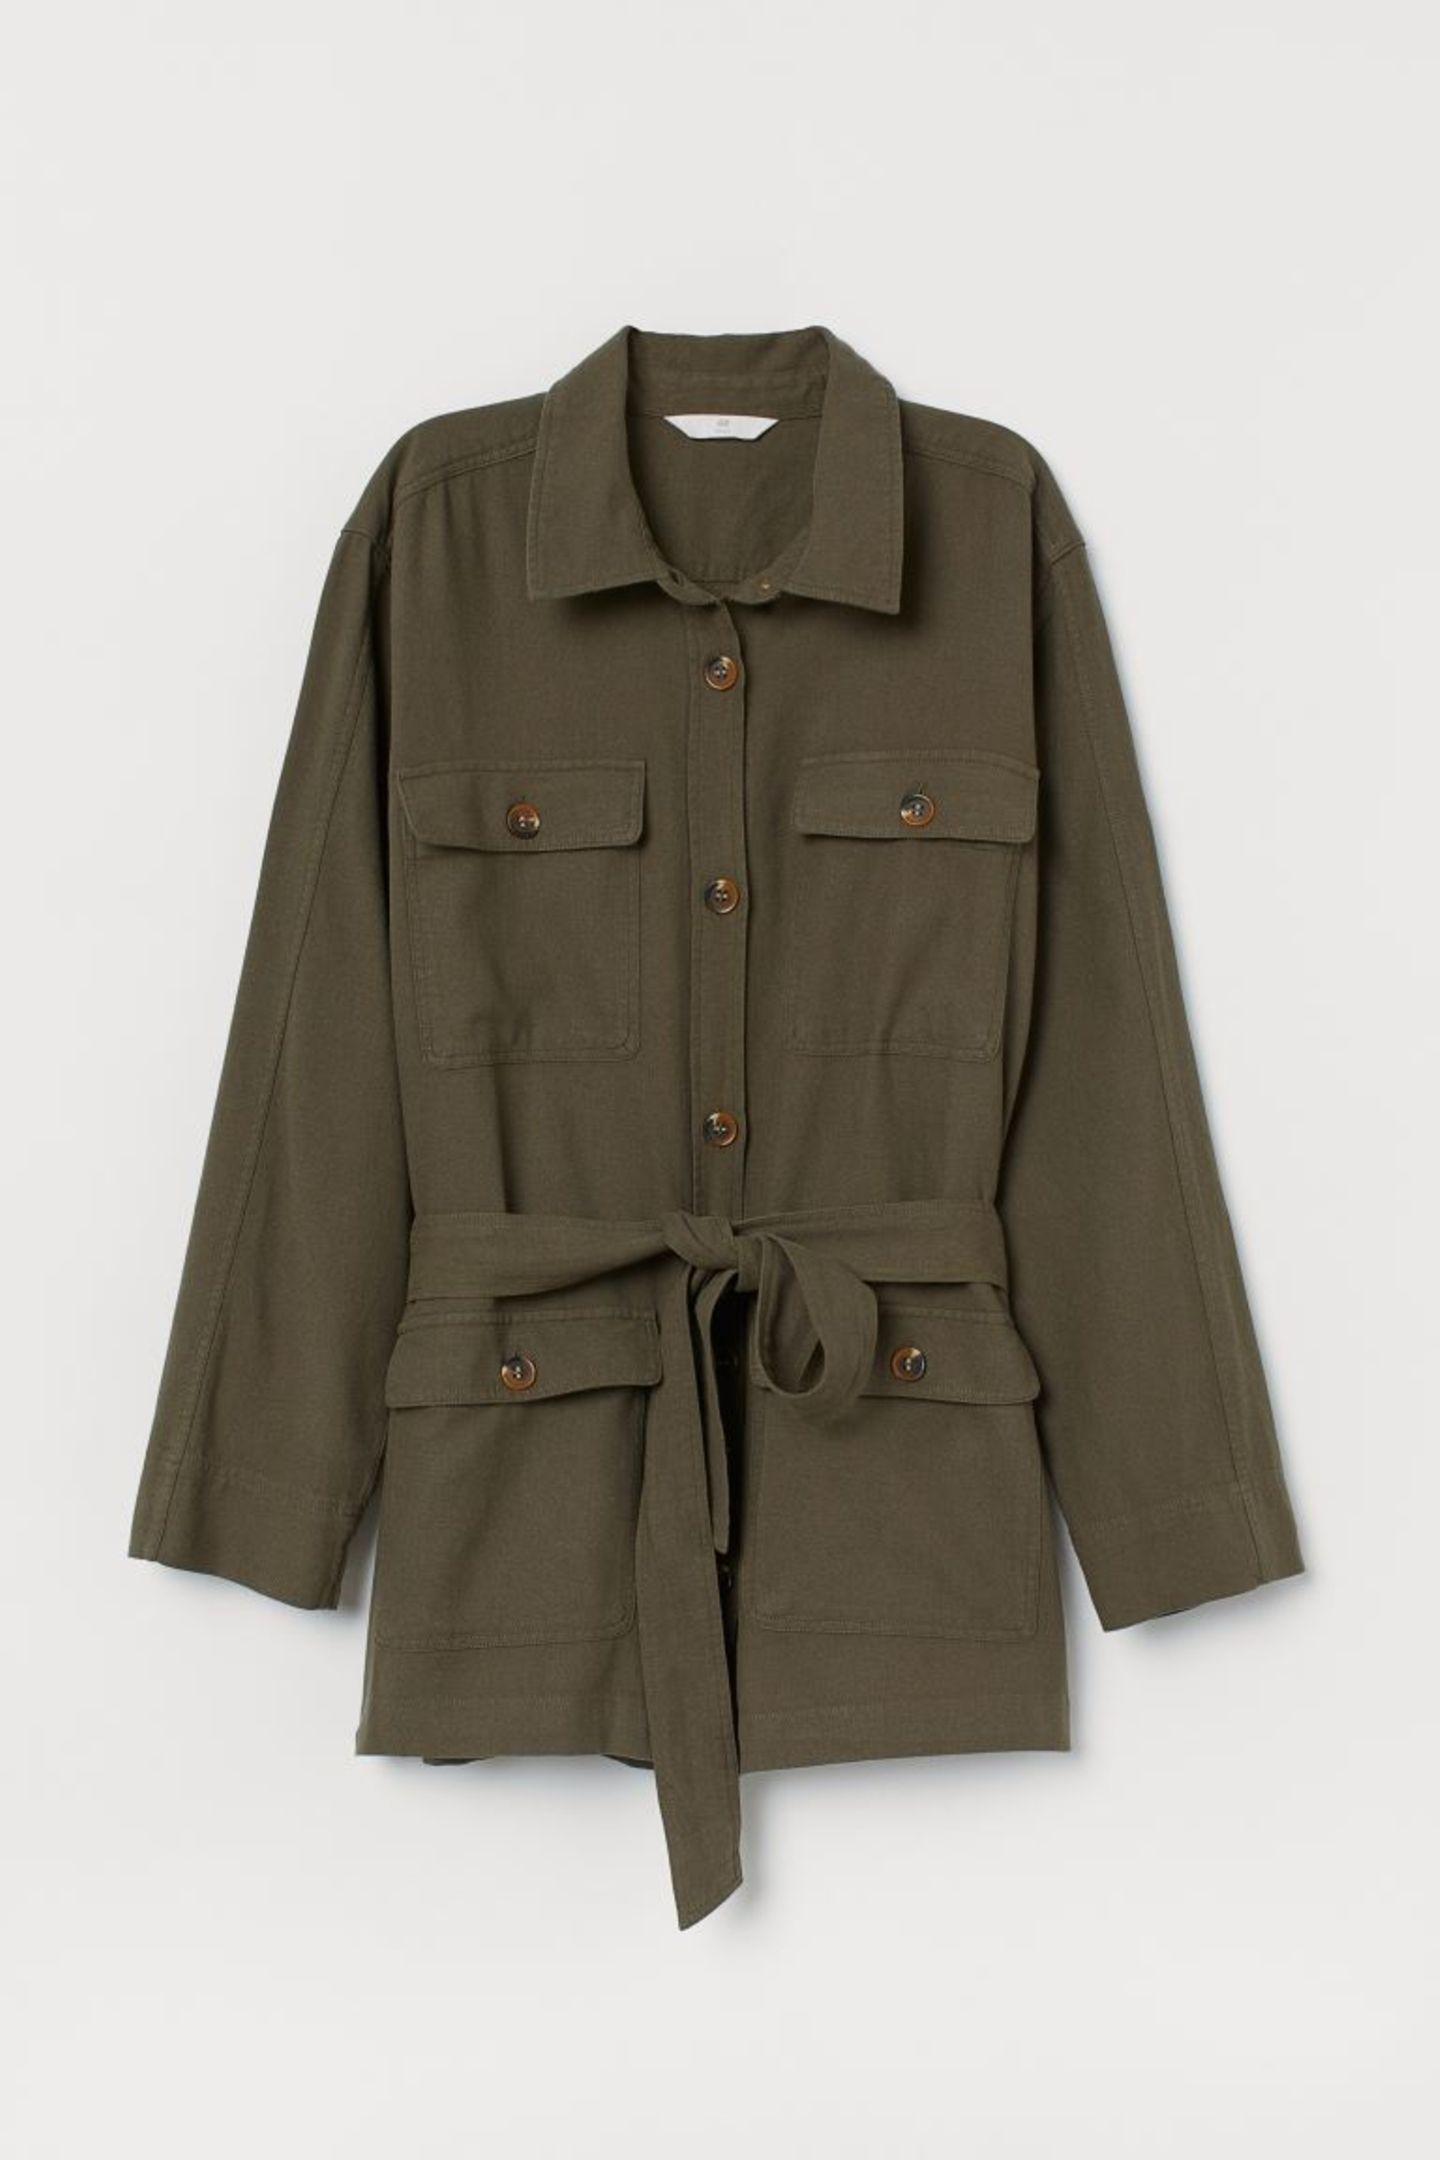 Die altbewährte Jeansjacke darf diesen Sommer gerne mal im Schrank hängen bleiben. An kühleren Tagen greifen wir stattdessen zur coolen Blusenjacke im Safari-Style. Von H&M, reduziert auf 16 Euro.